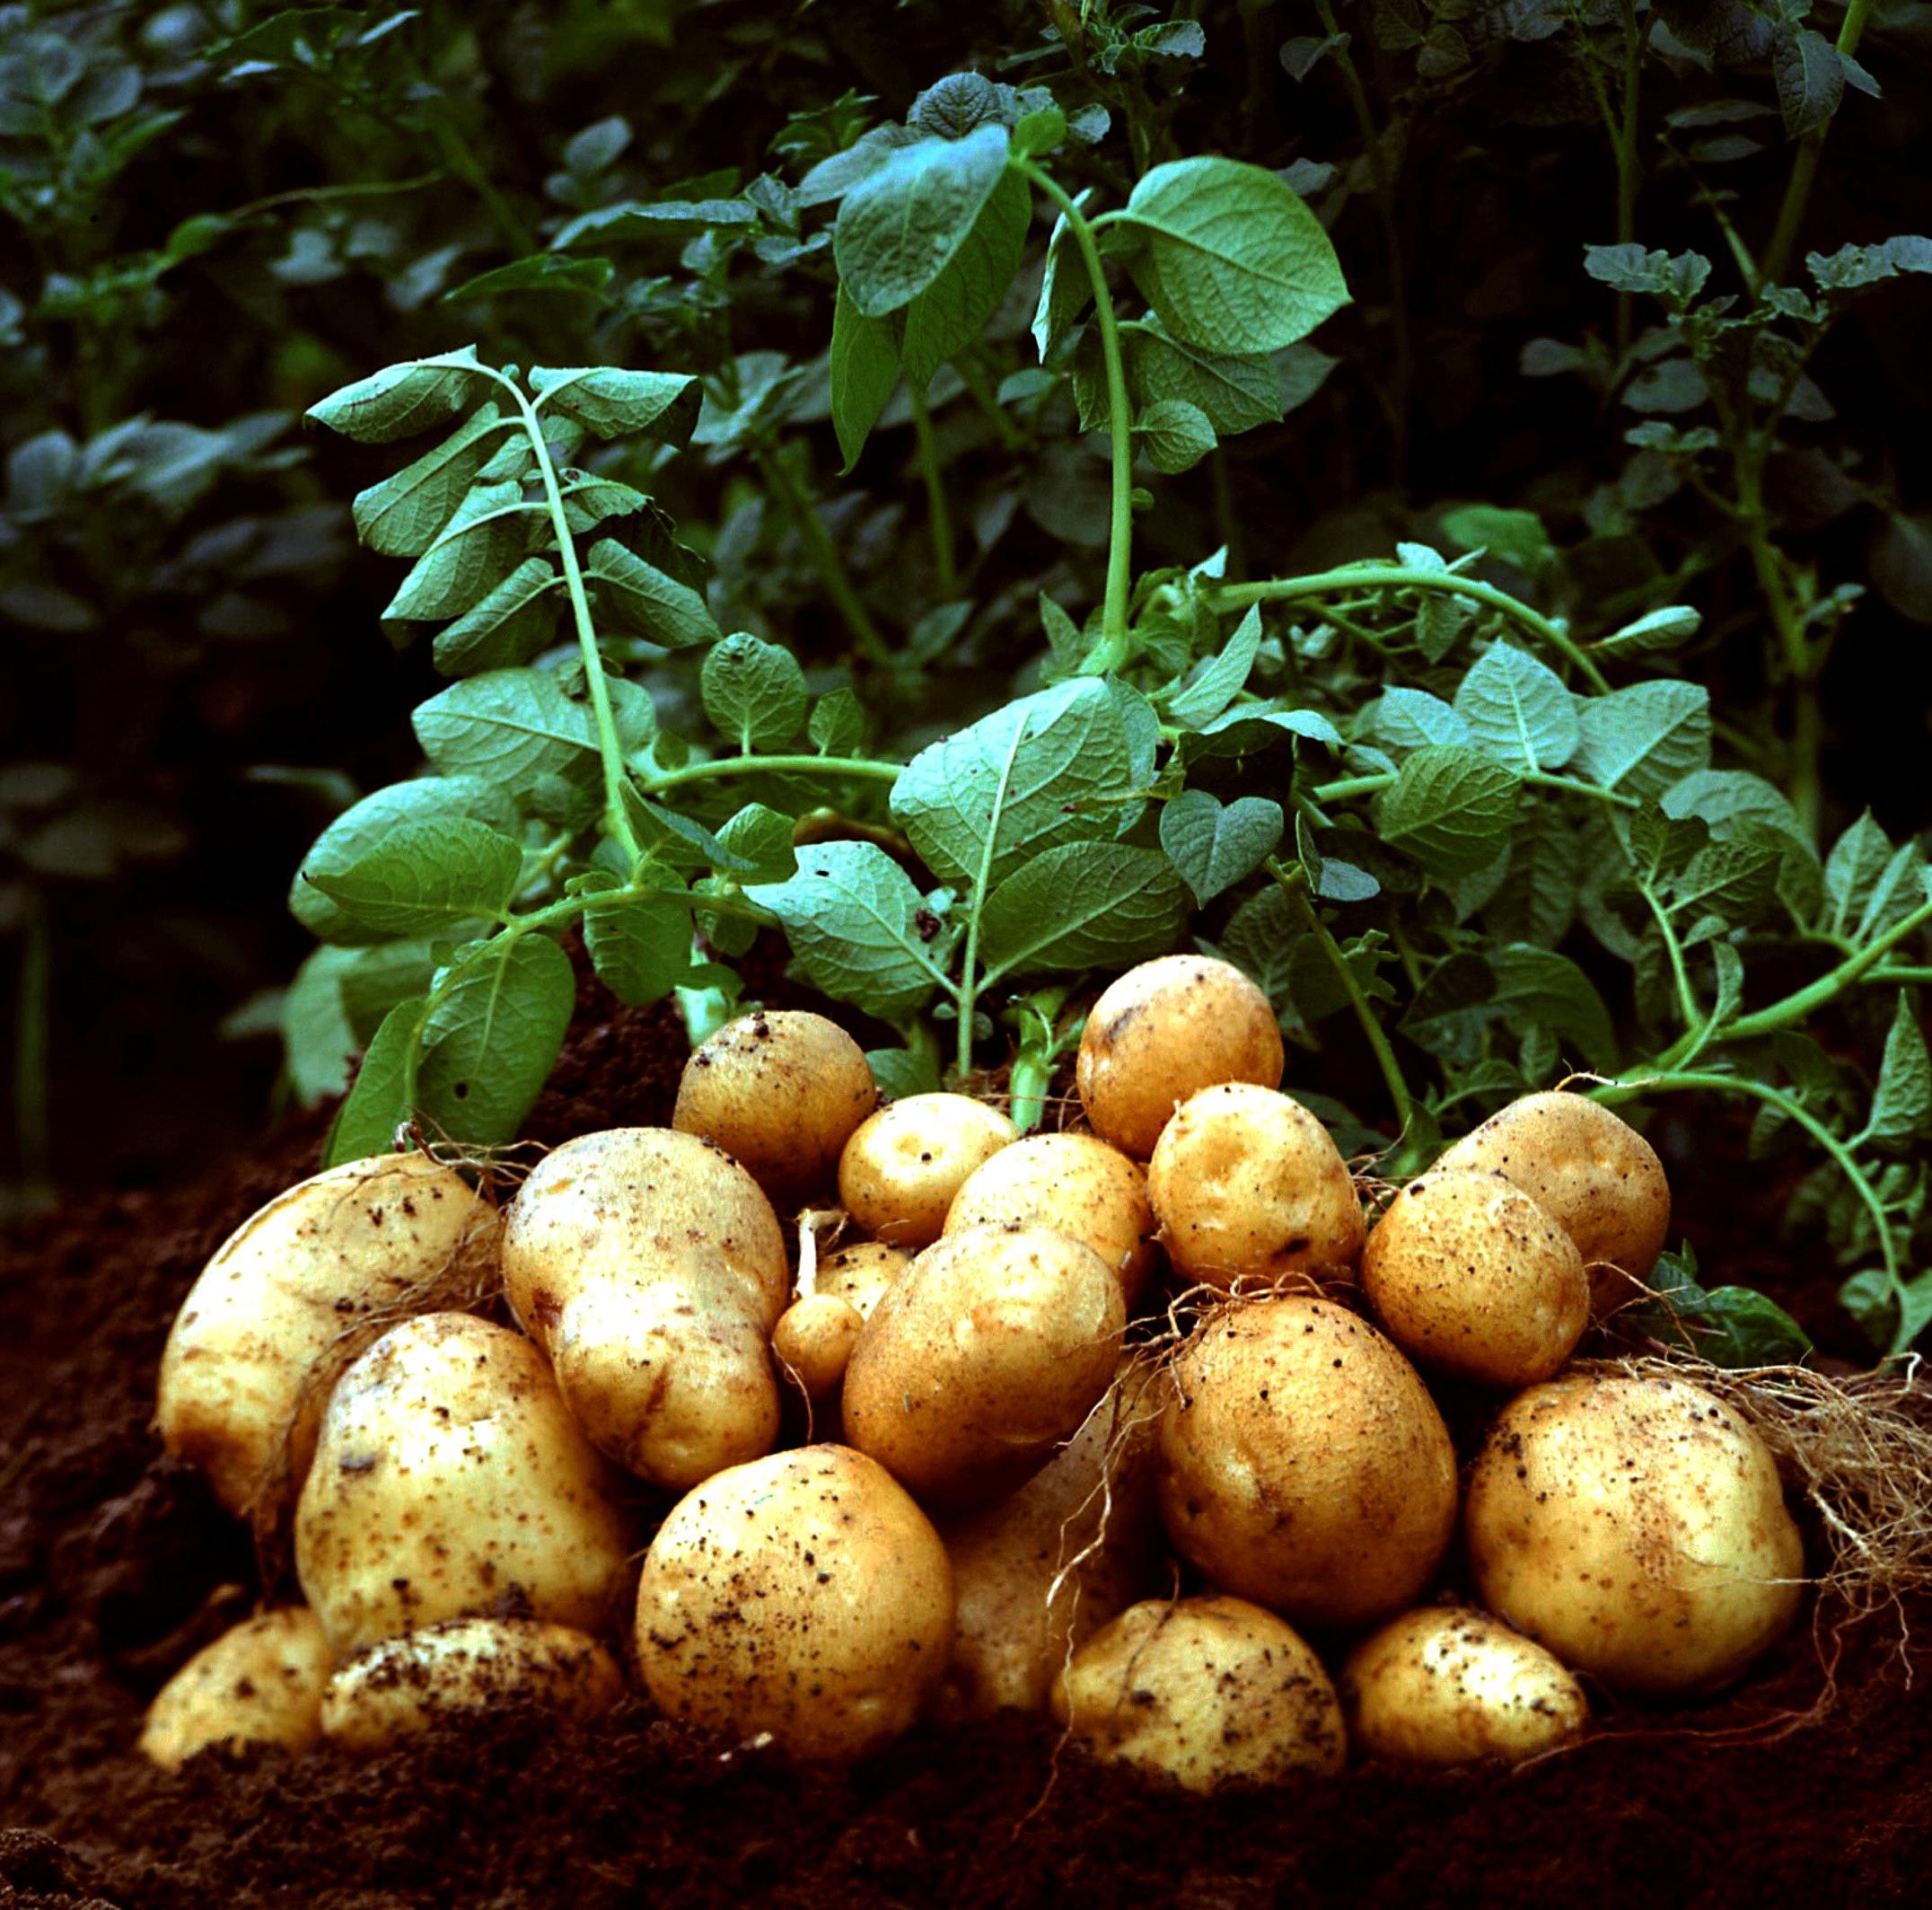 Как выращивать картофель в мешках в 2015 году